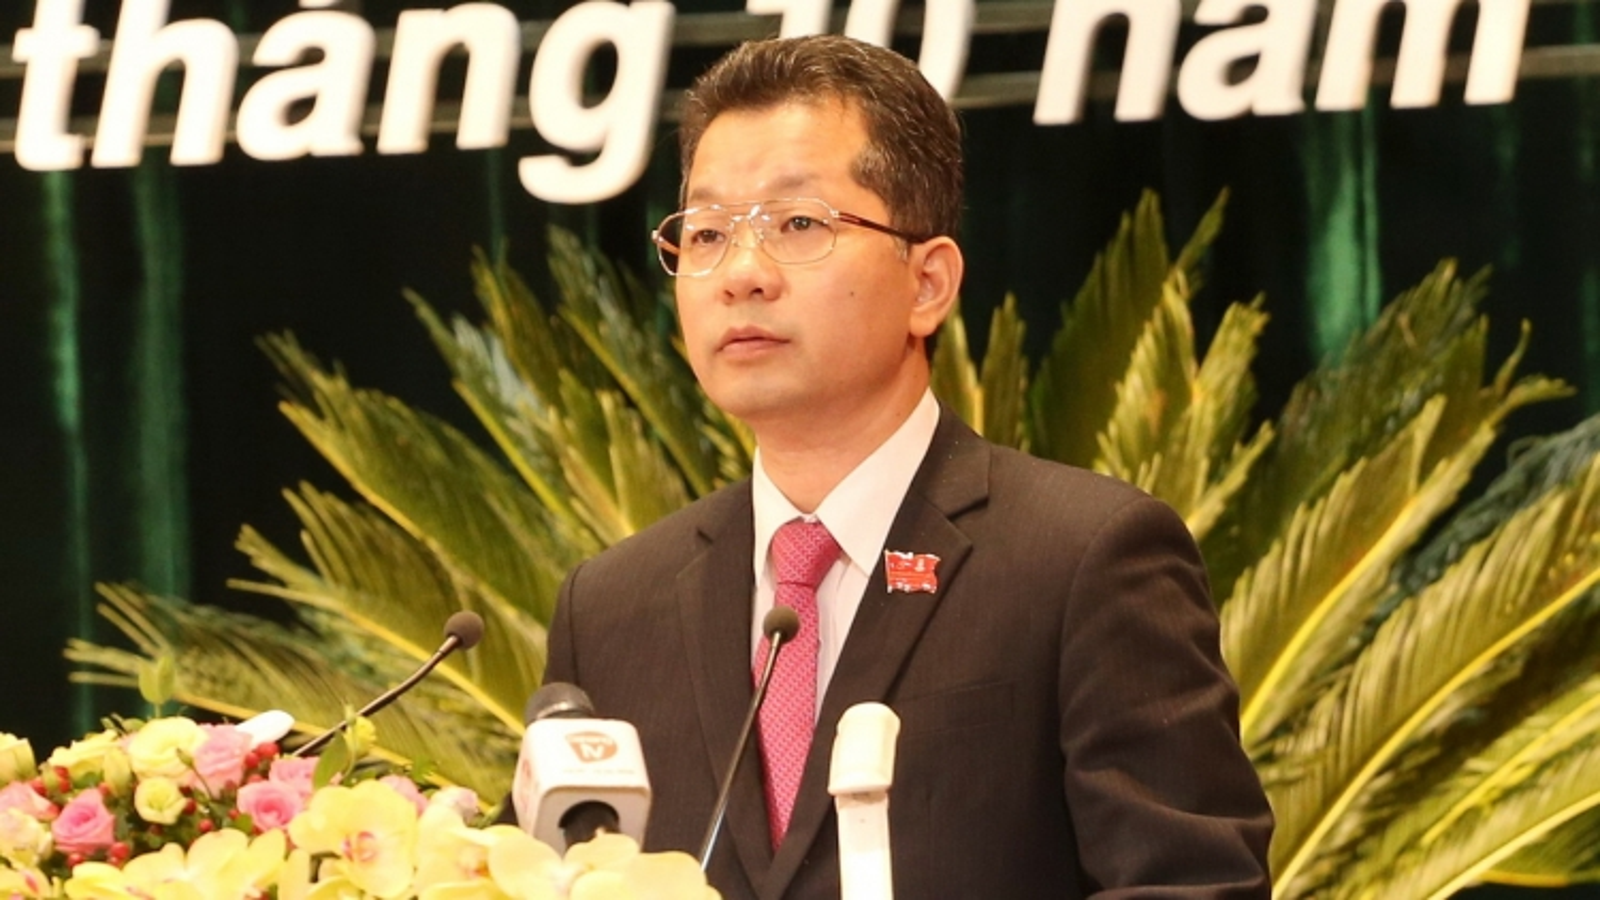 Phân công nhiệm vụ cho các cán bộ chủ chốt tại Đà Nẵng